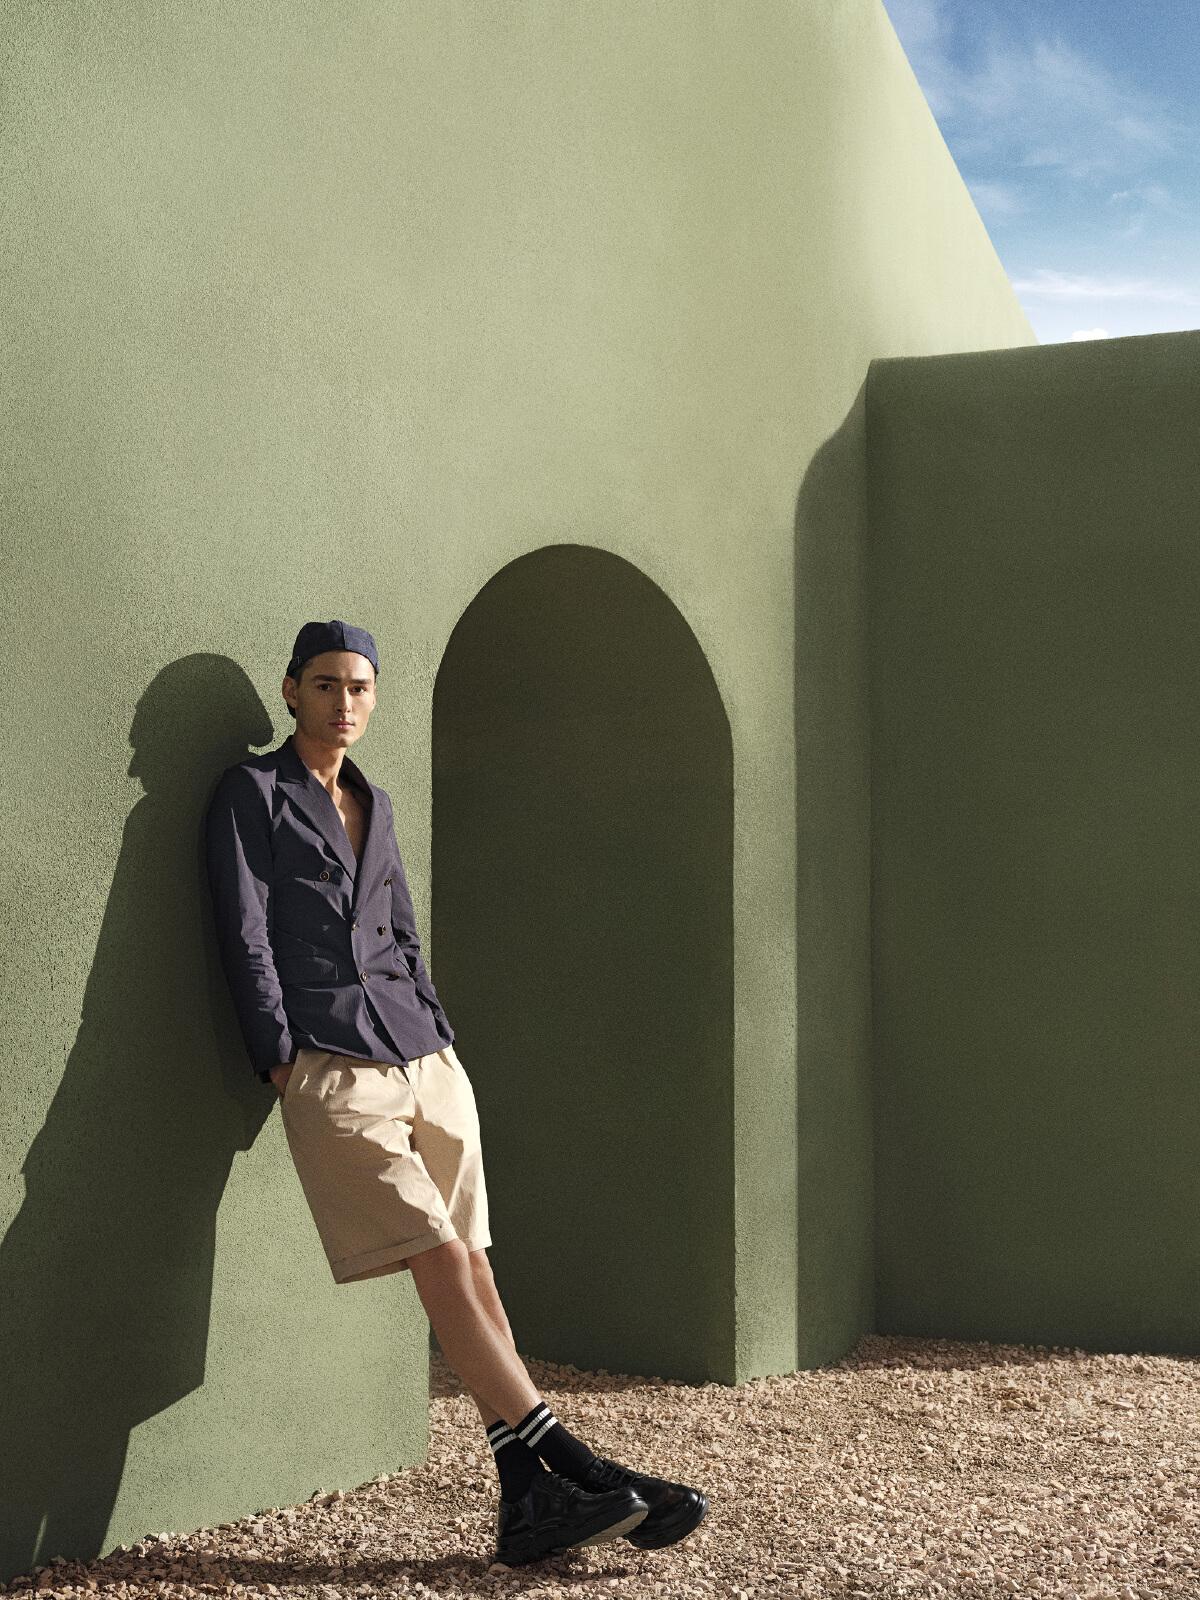 G2000 New Collection ชุดทำงานฟังก์ชั่นครบ เน้นความสบายในการสวมใส่